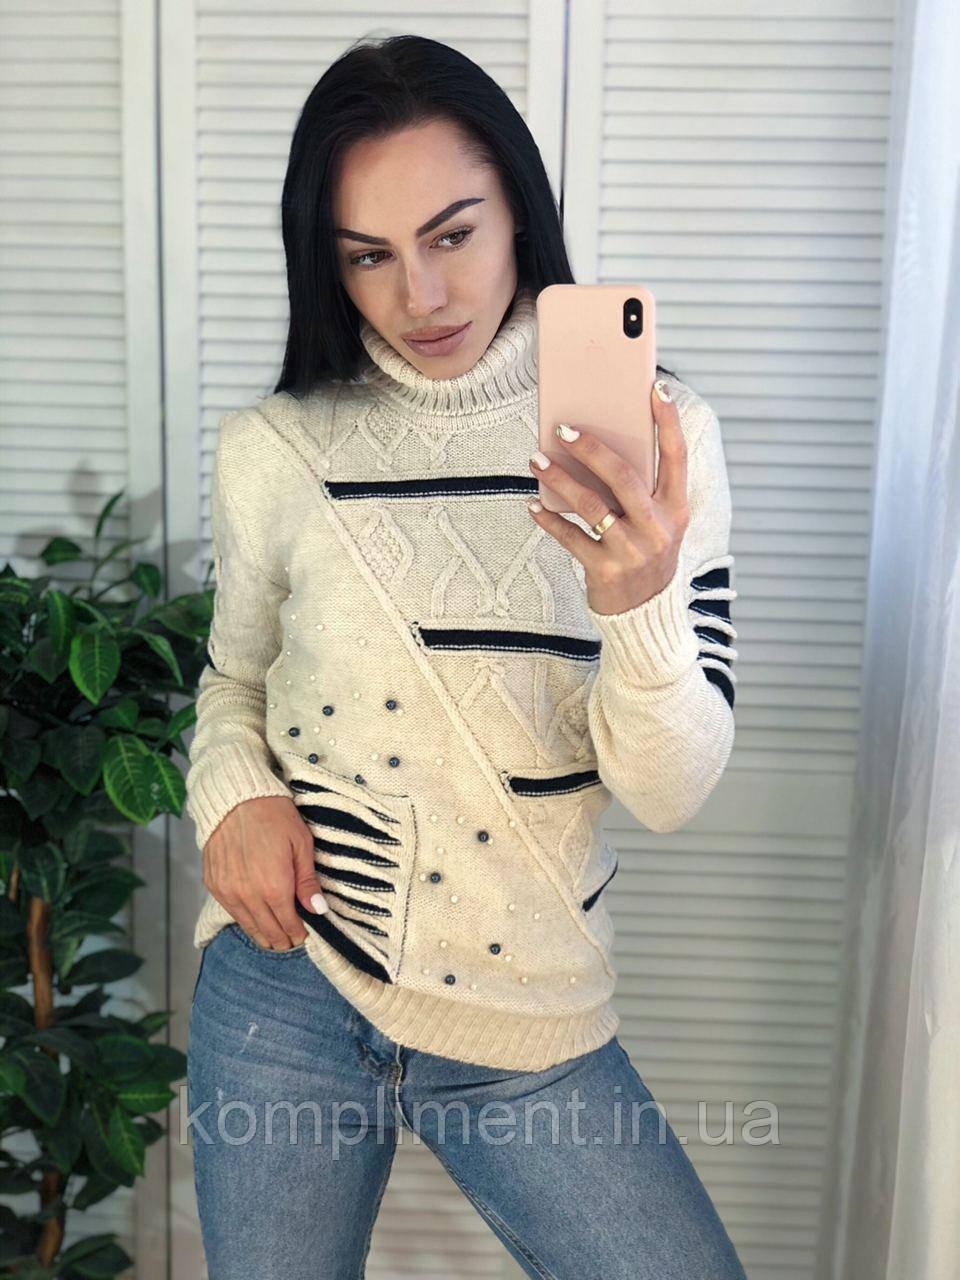 Модный свитер женский шерстяной с горлом, молоко. Производство Турция.NВ 7029